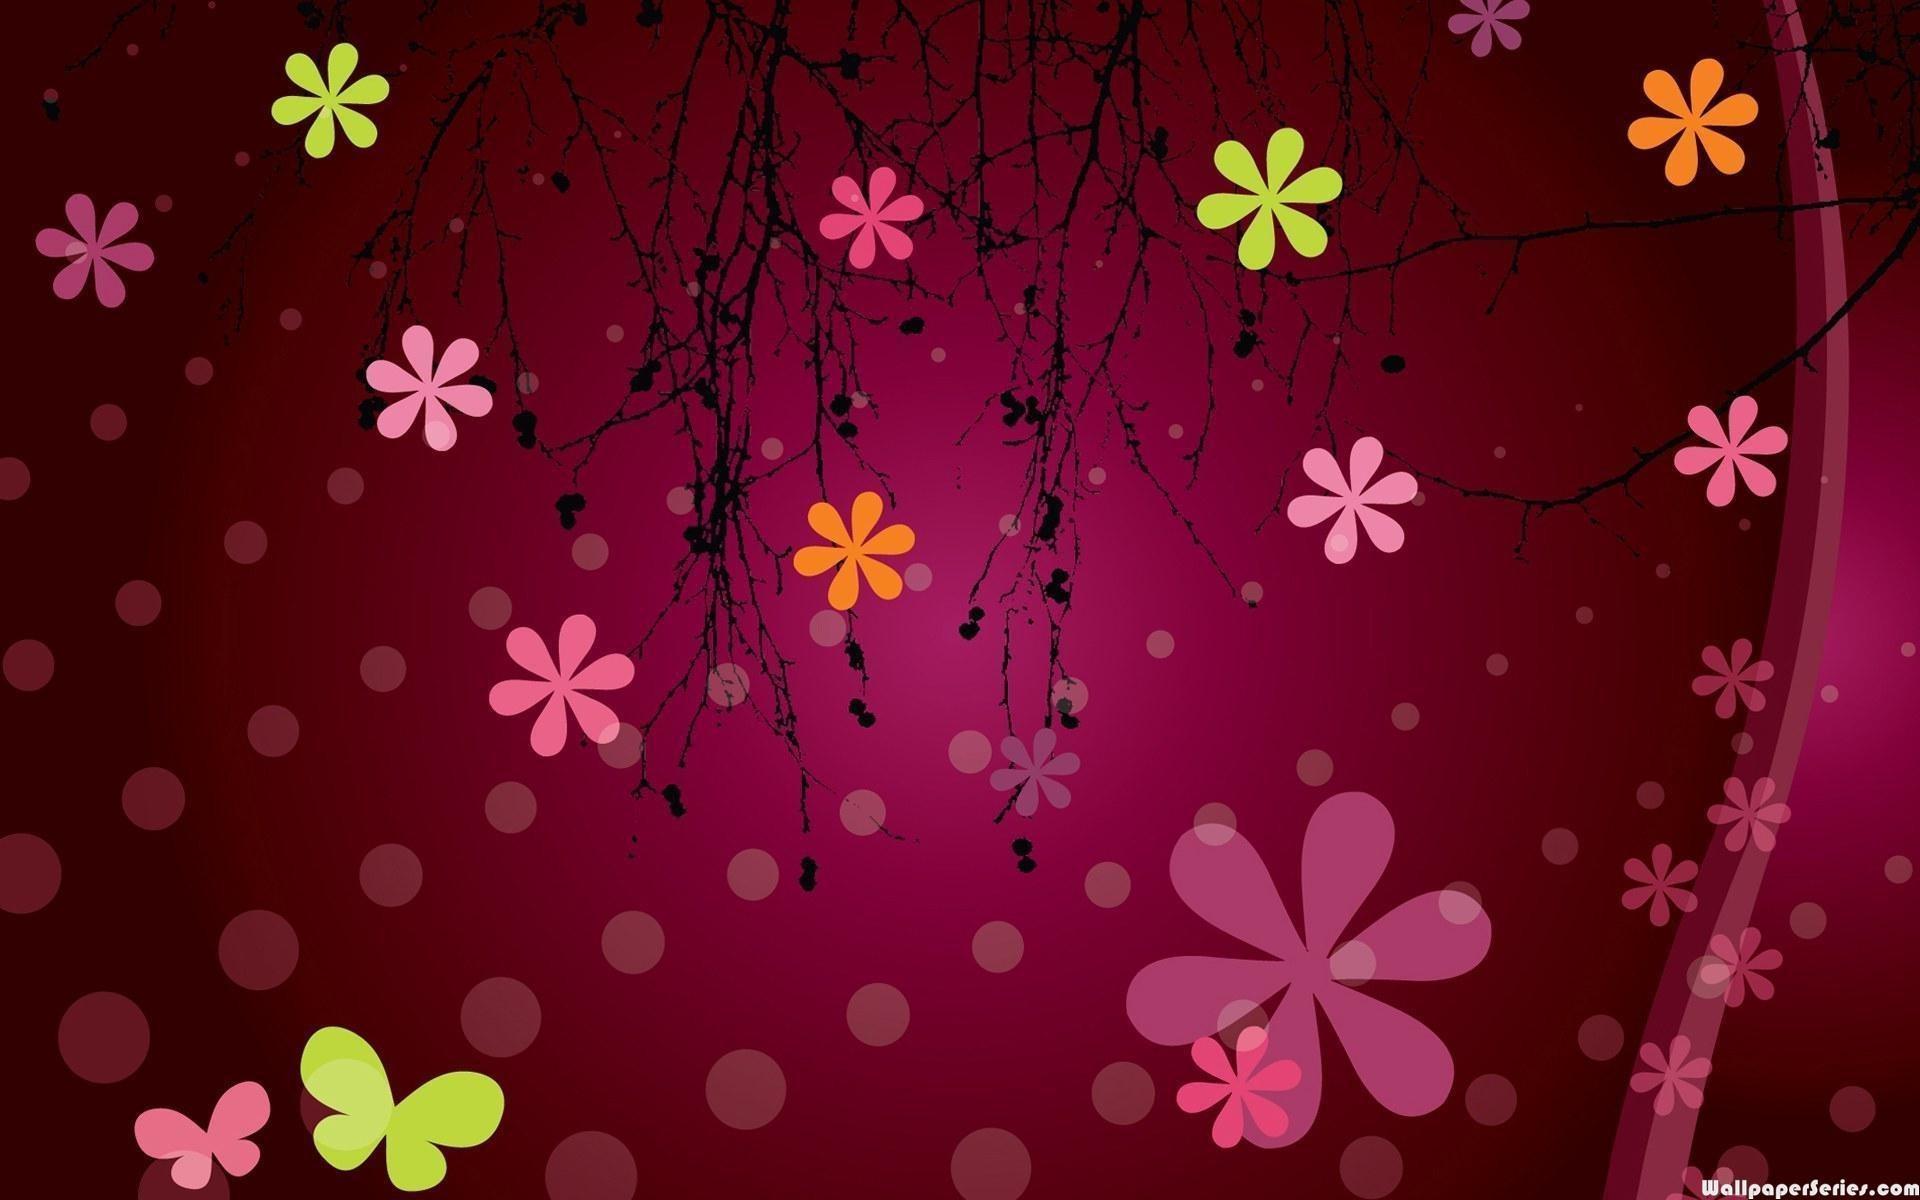 pink and black backgrounds for desktop ·①